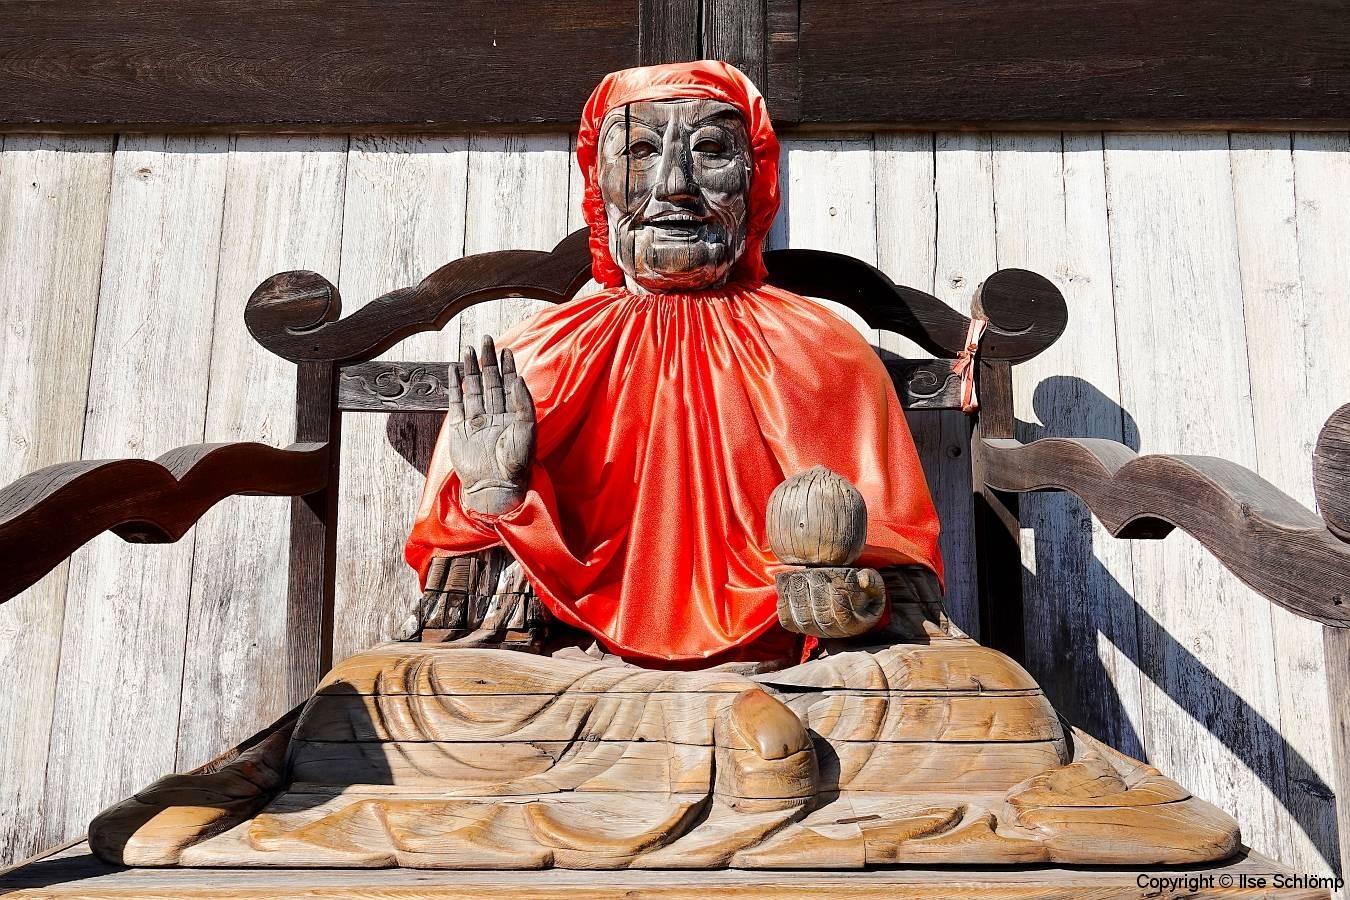 Japan, Nara, Todai-ji Tempel, Statue des Pindola